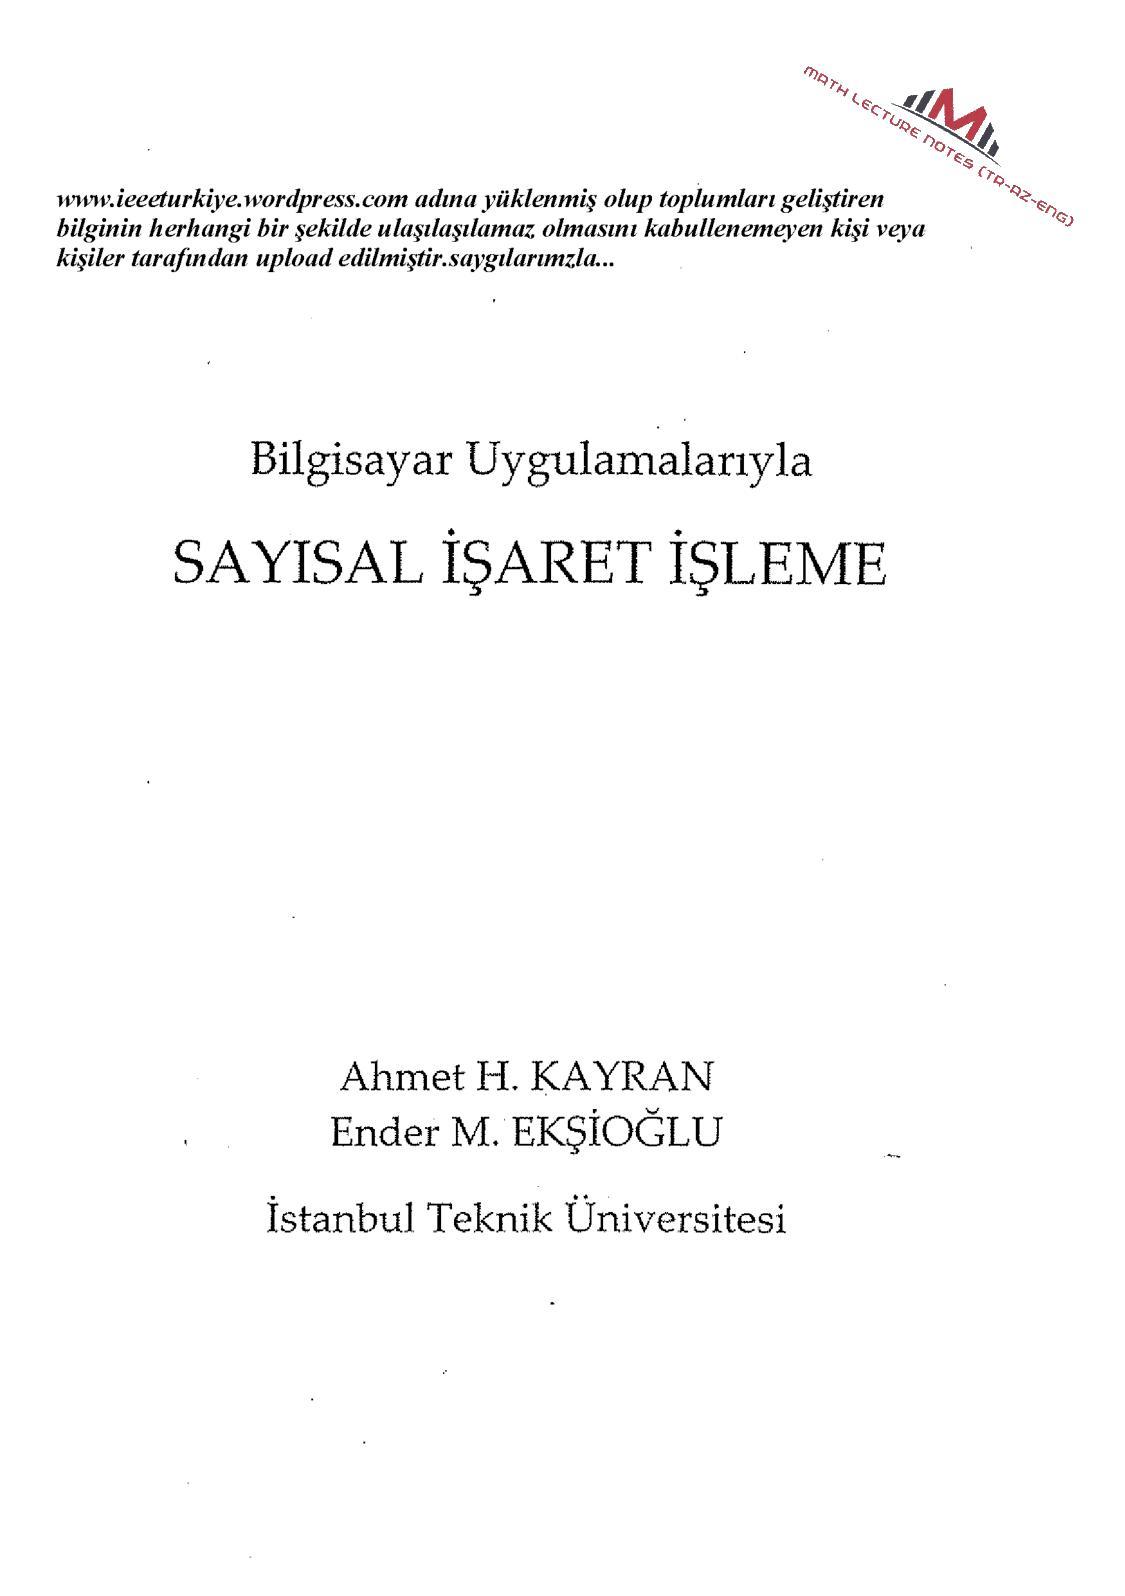 Bilgisayar Uygulamalarıyla Sayısal İşaret İşleme - Ahmet Hamdi Kayran & Ender Mete Ekşioğlu